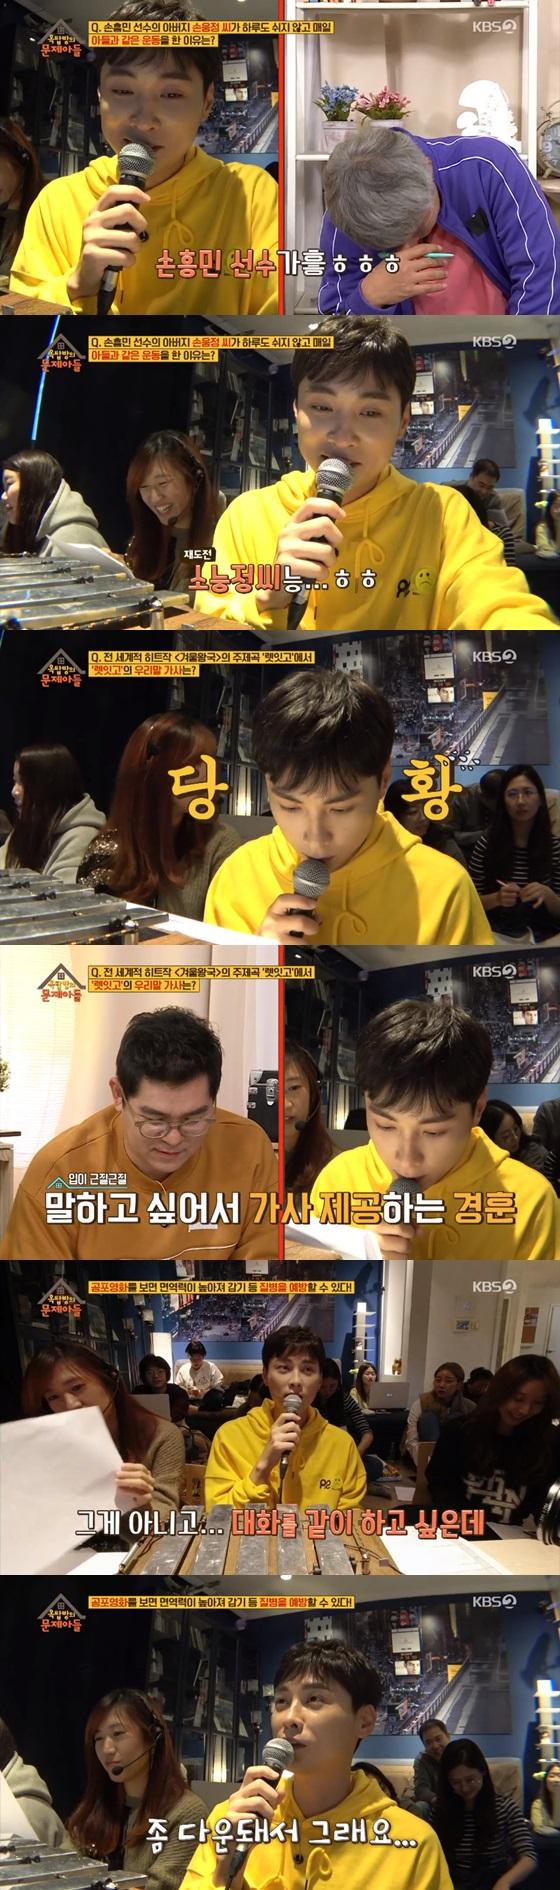 /사진= KBS2 TV 예능프로그램 '옥탑방의 문제아들' 방송화면 캡쳐